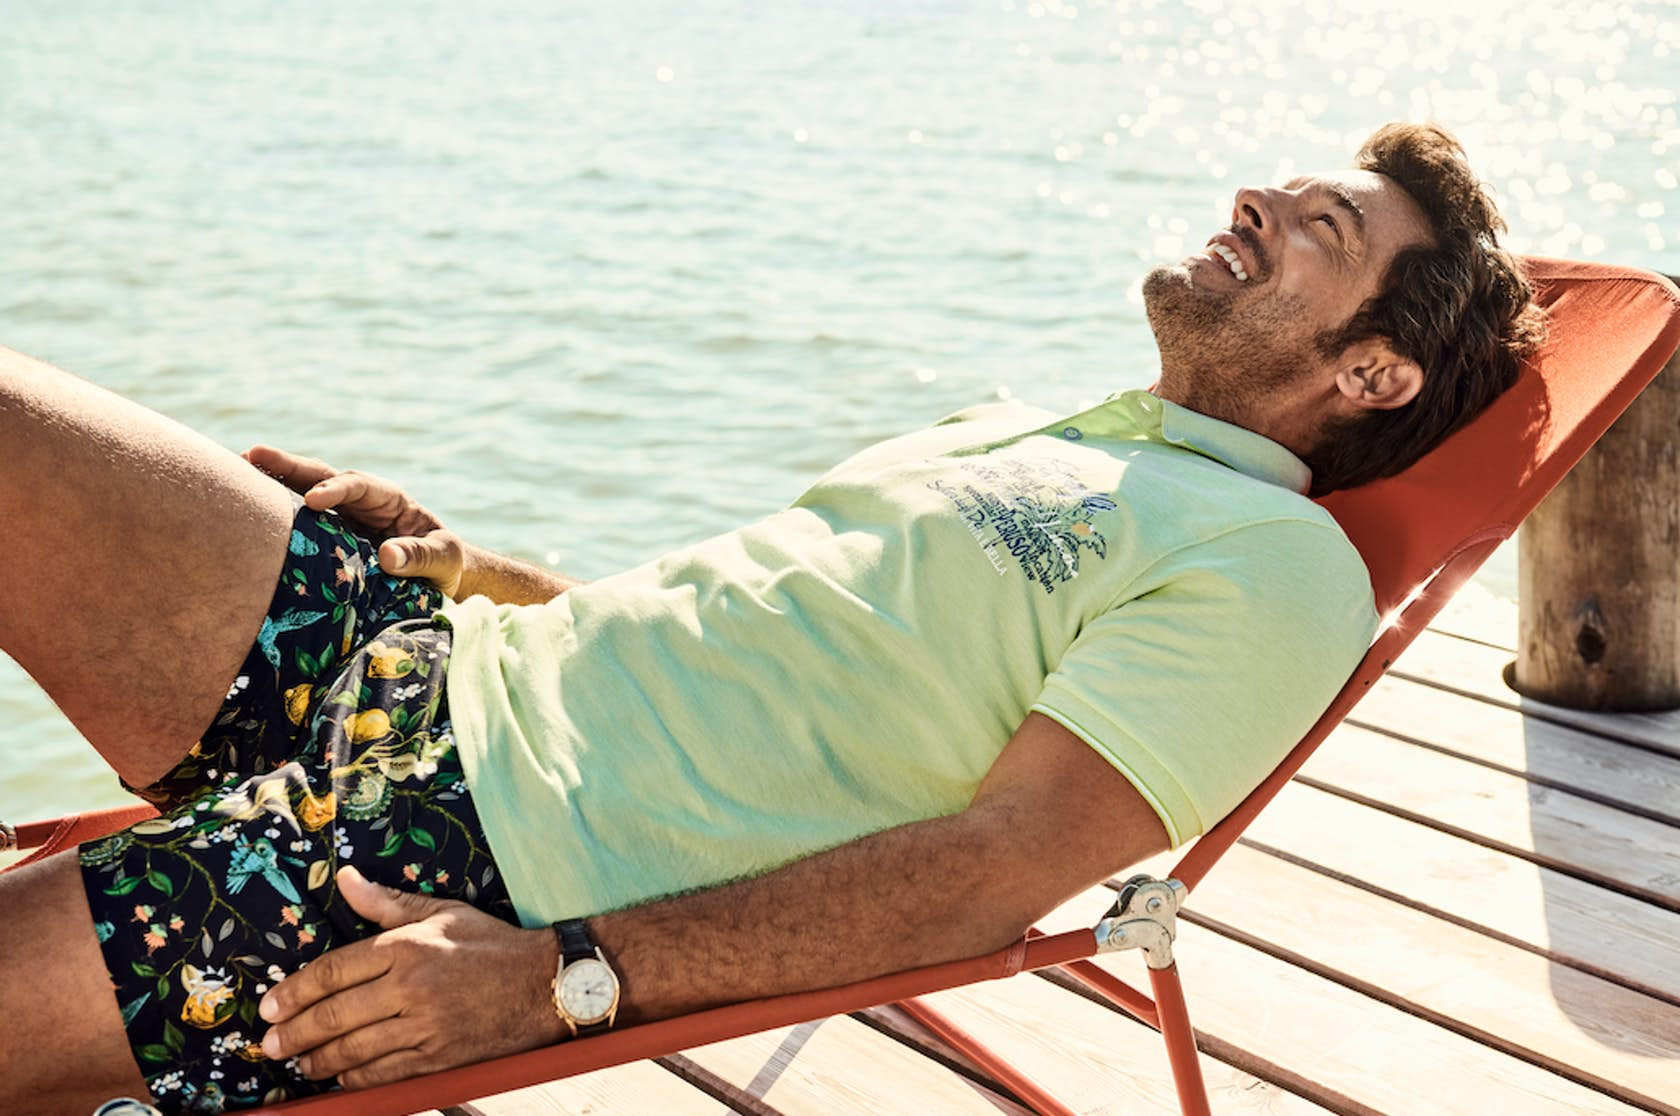 RAGMAN Man of Joy Herren Outfit, Poloshirt und Shorts auf Sonnenliege